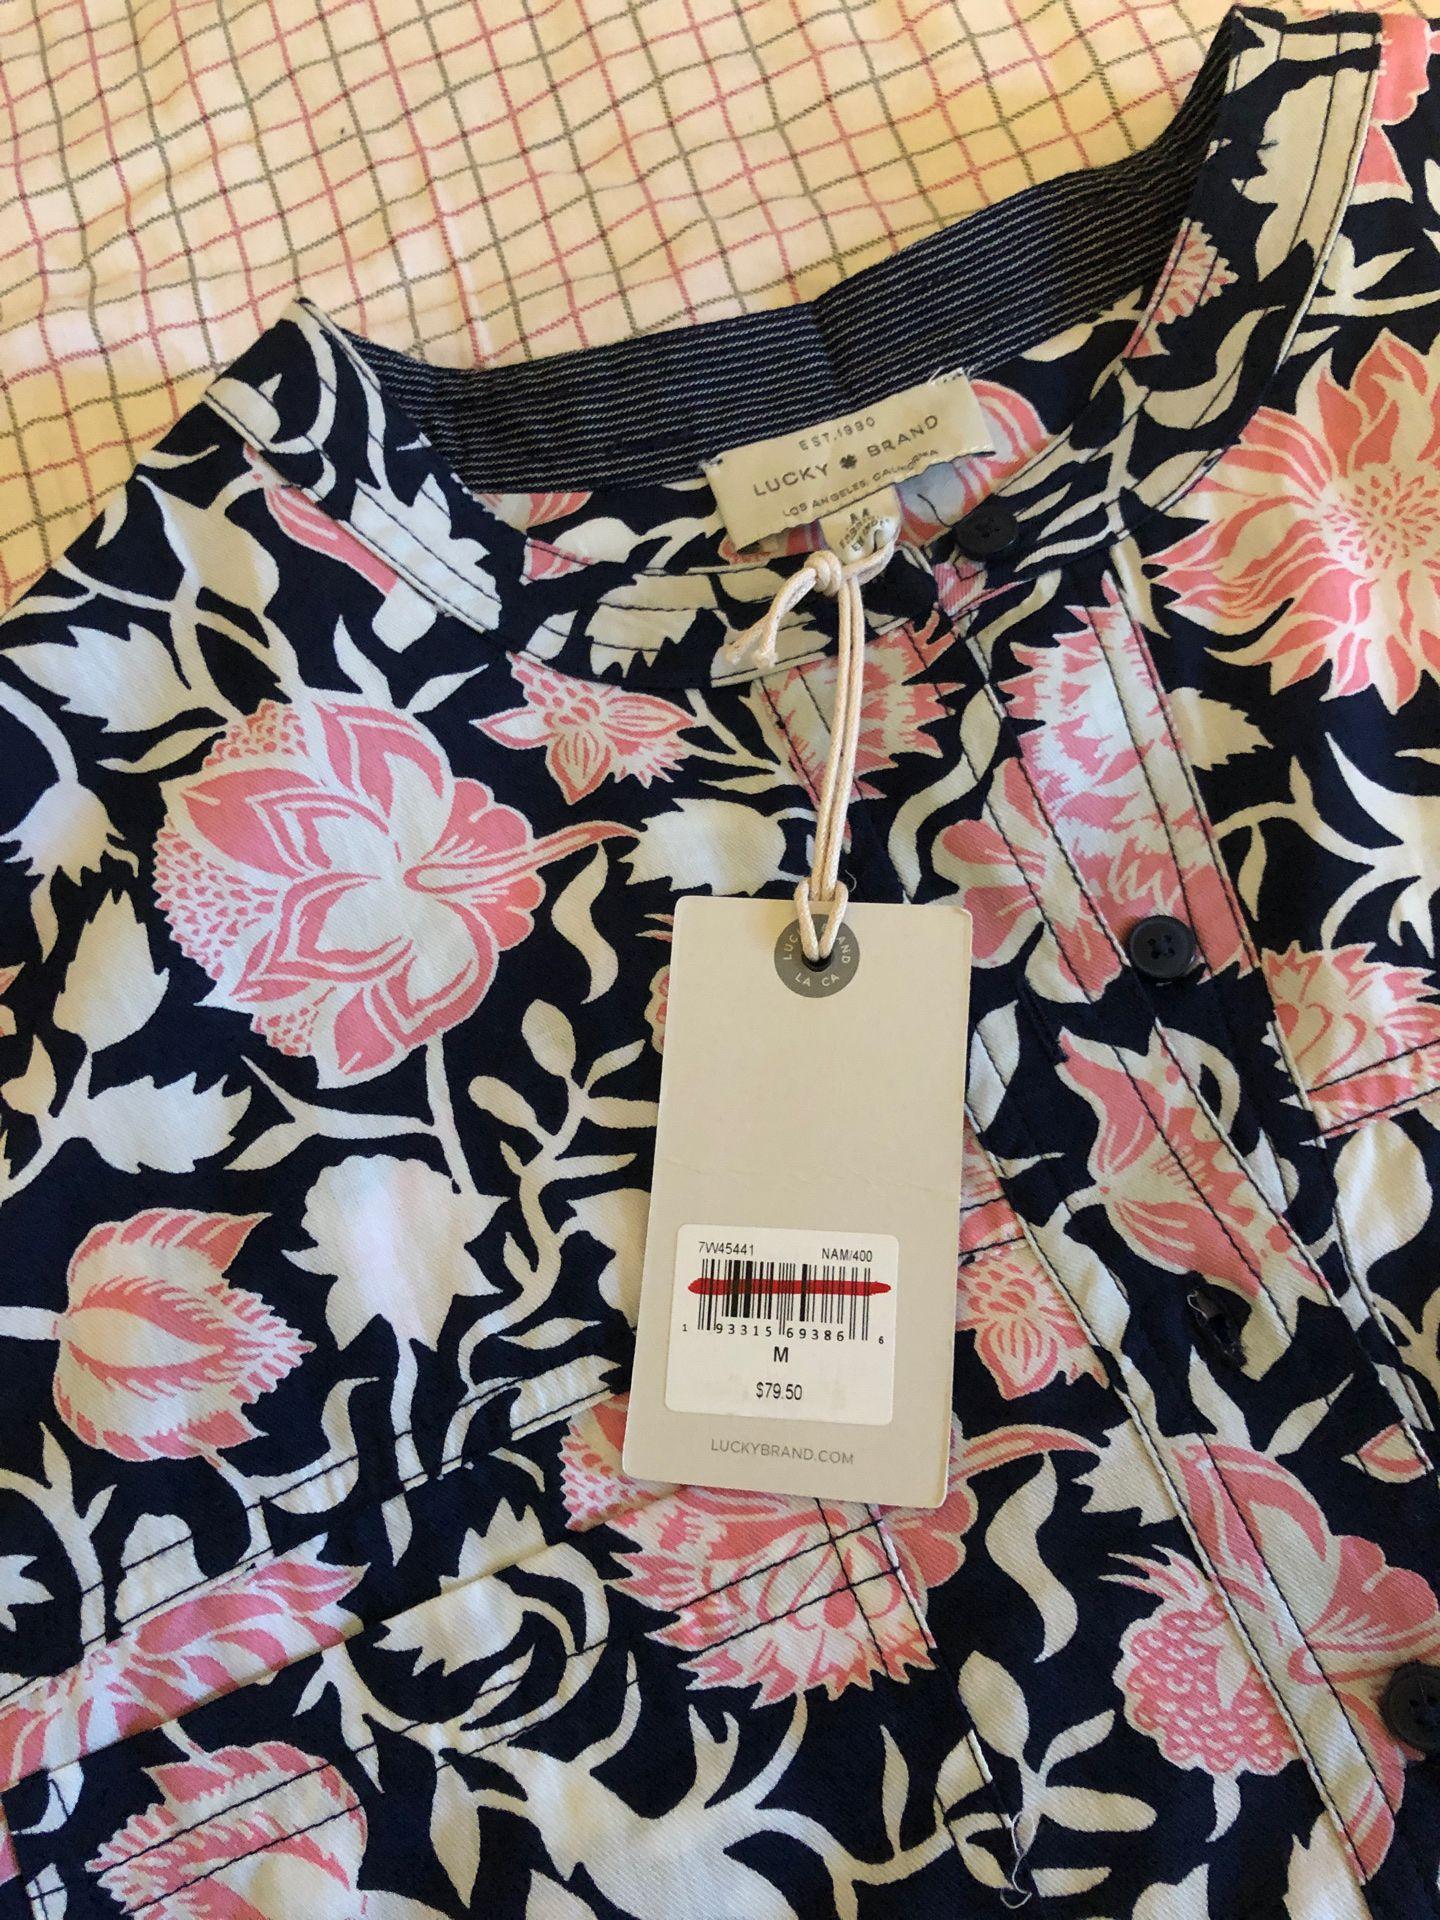 Lucky Brand shirt, women's Medium size shirt, never worn